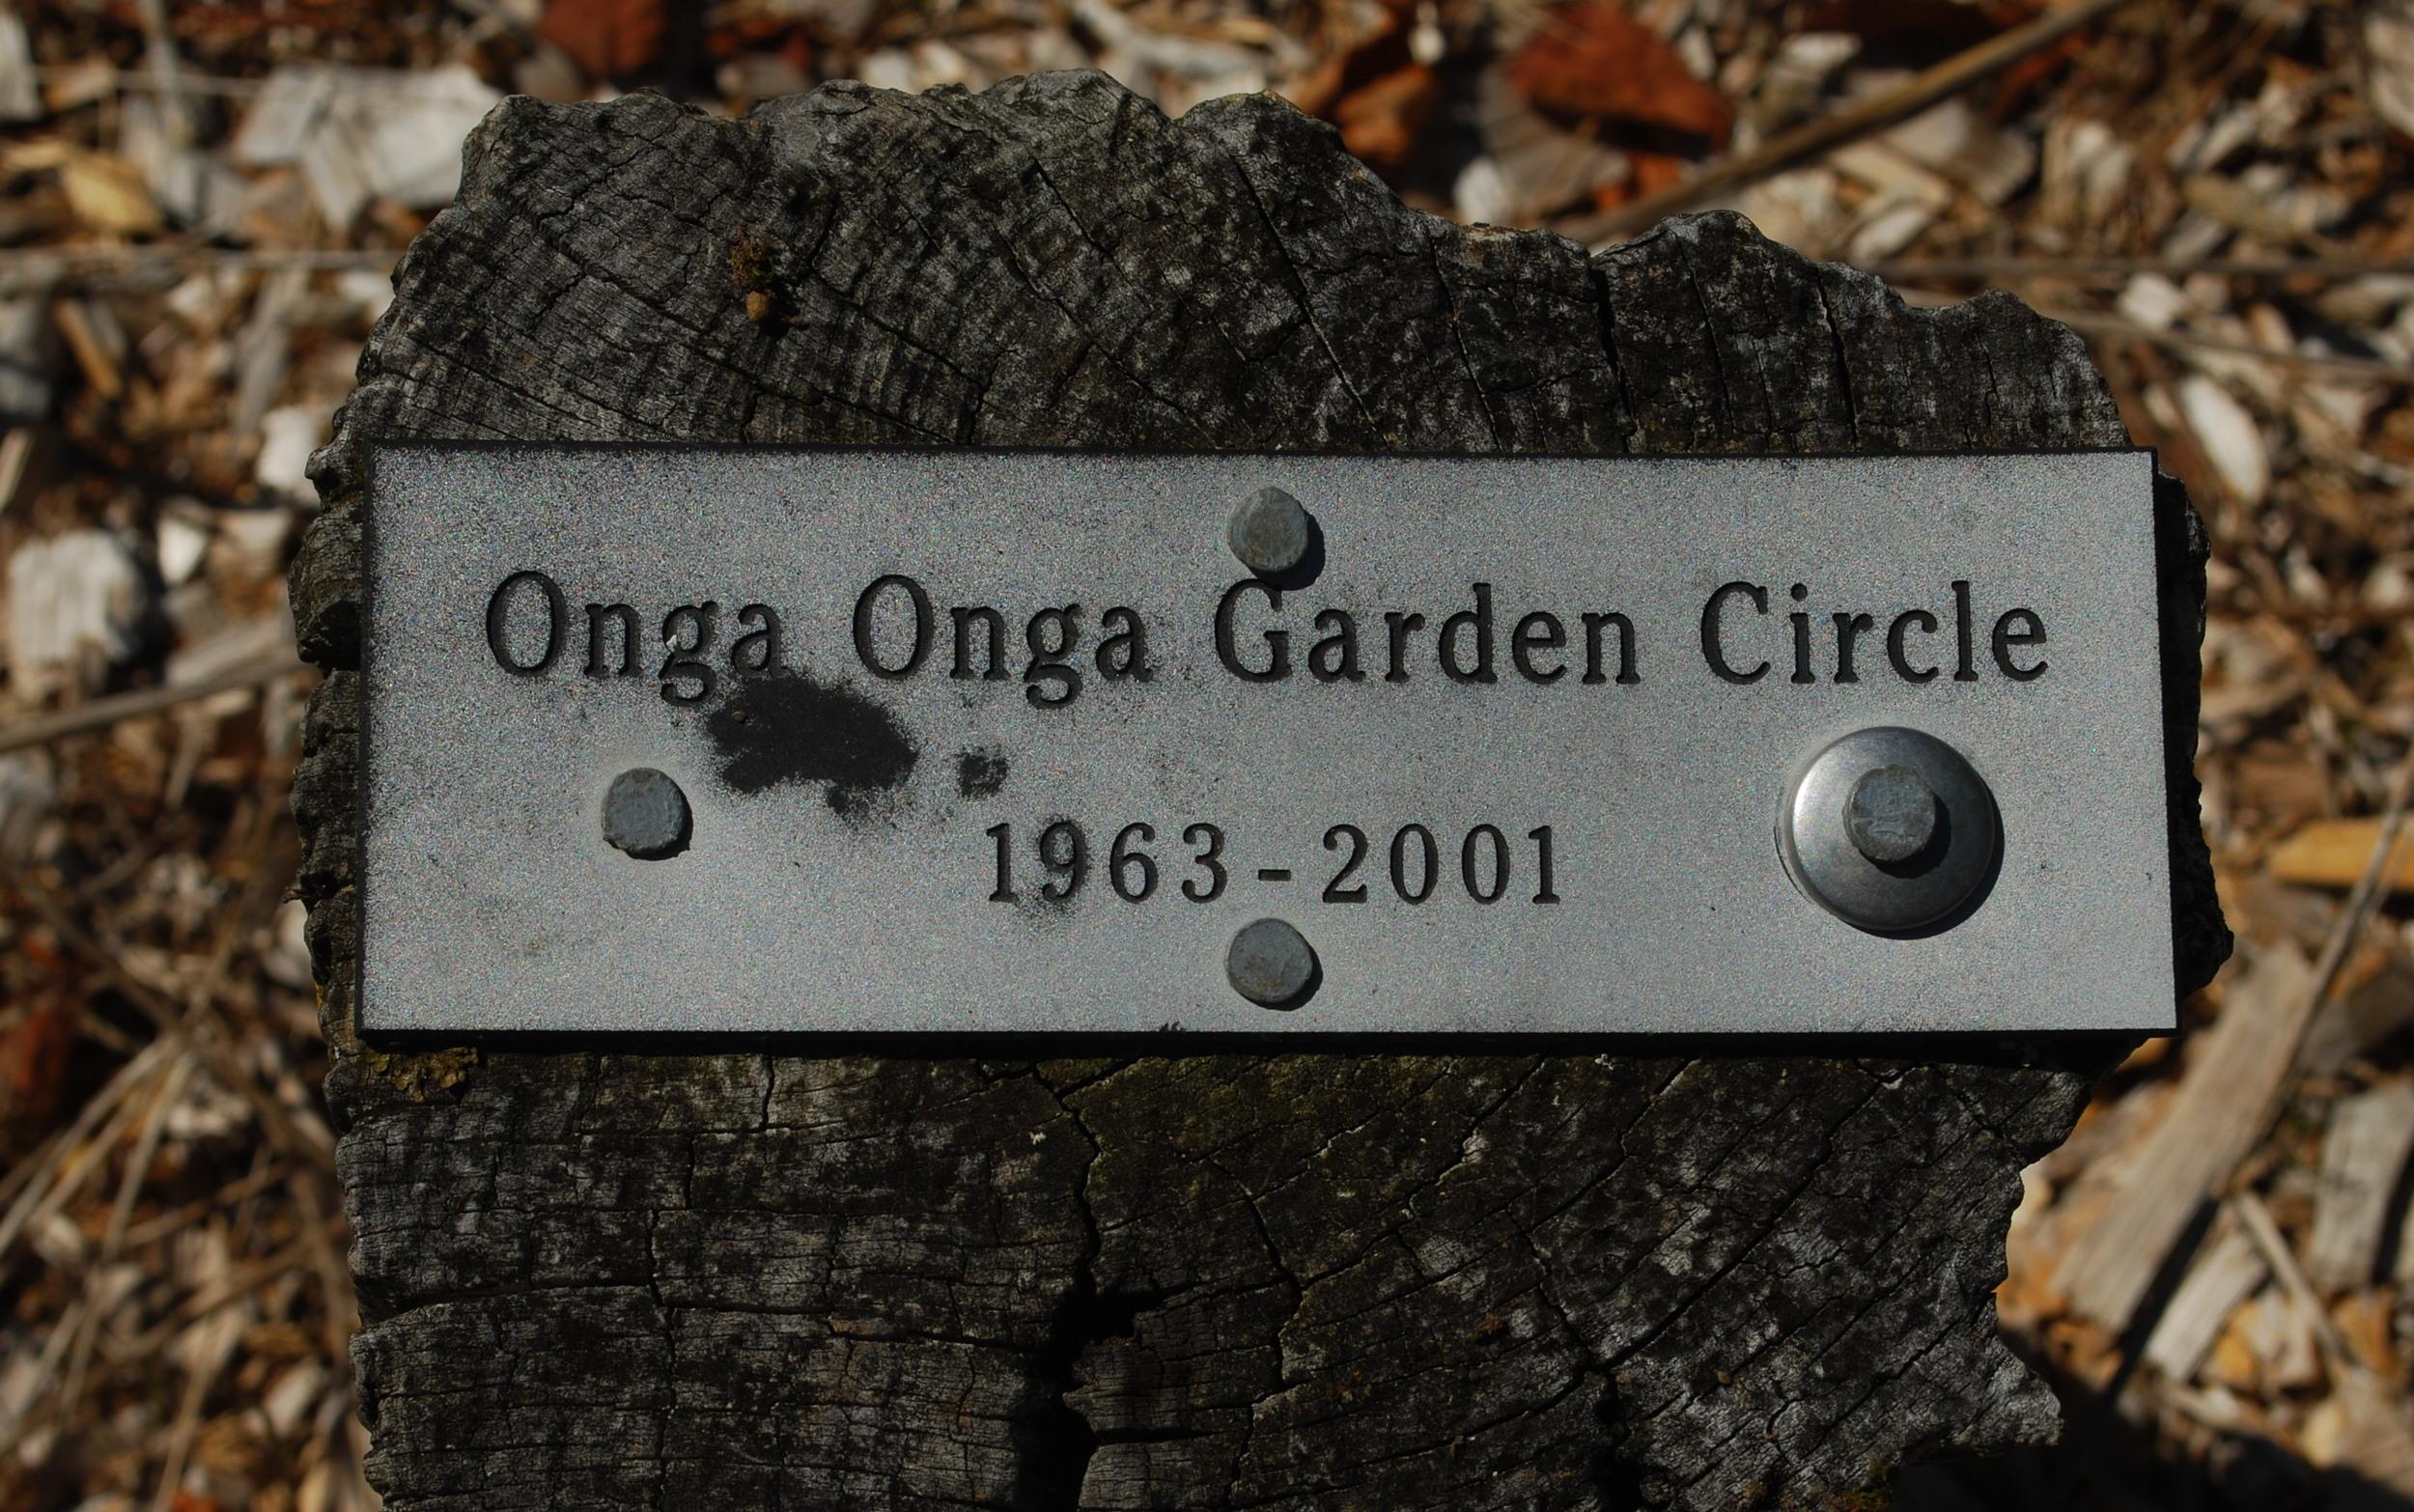 Arboretum_etc_Apr 009.JPG